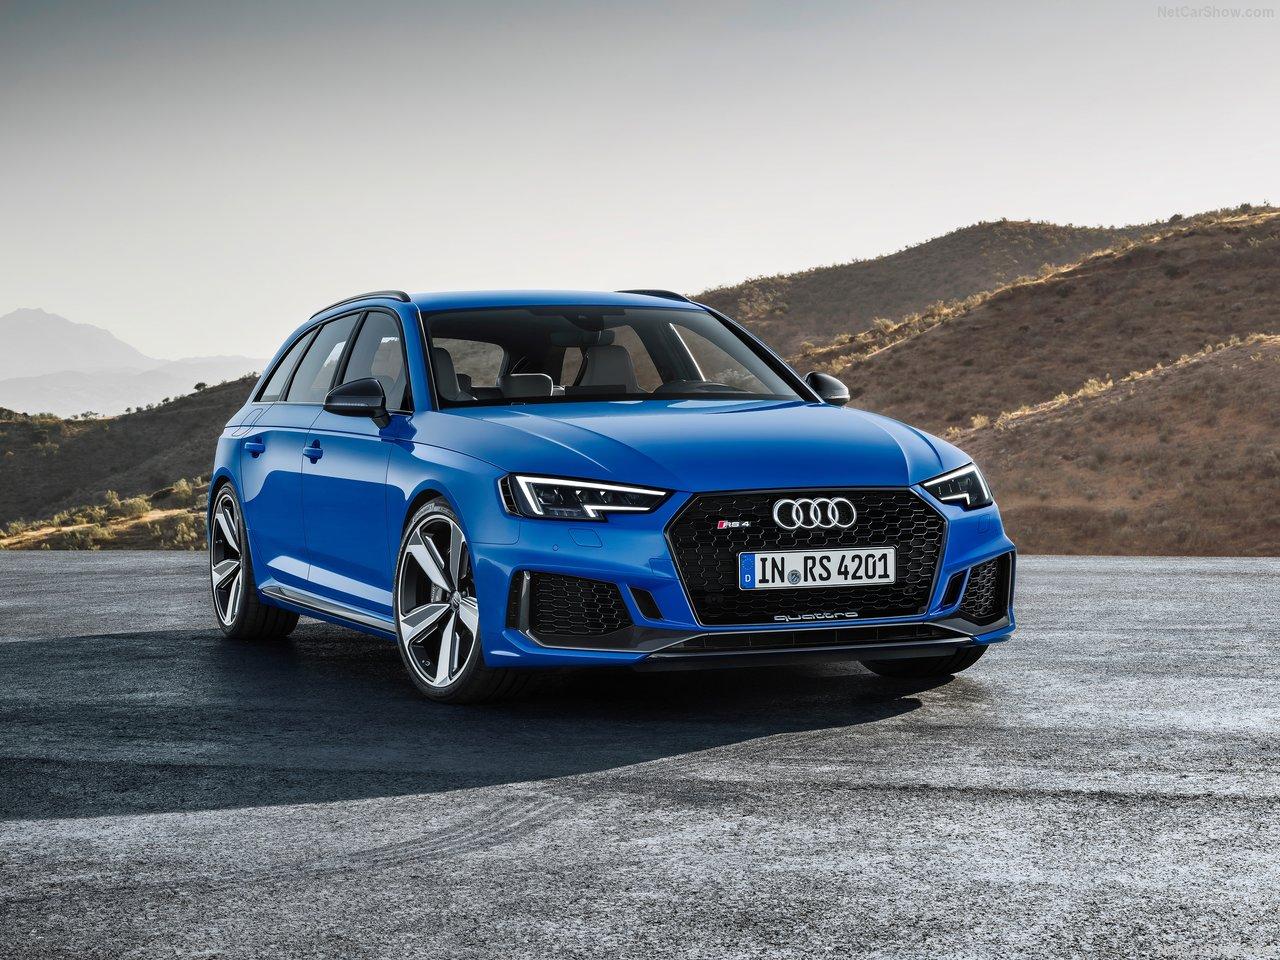 Официальные фотографии Audi RS4 Avant